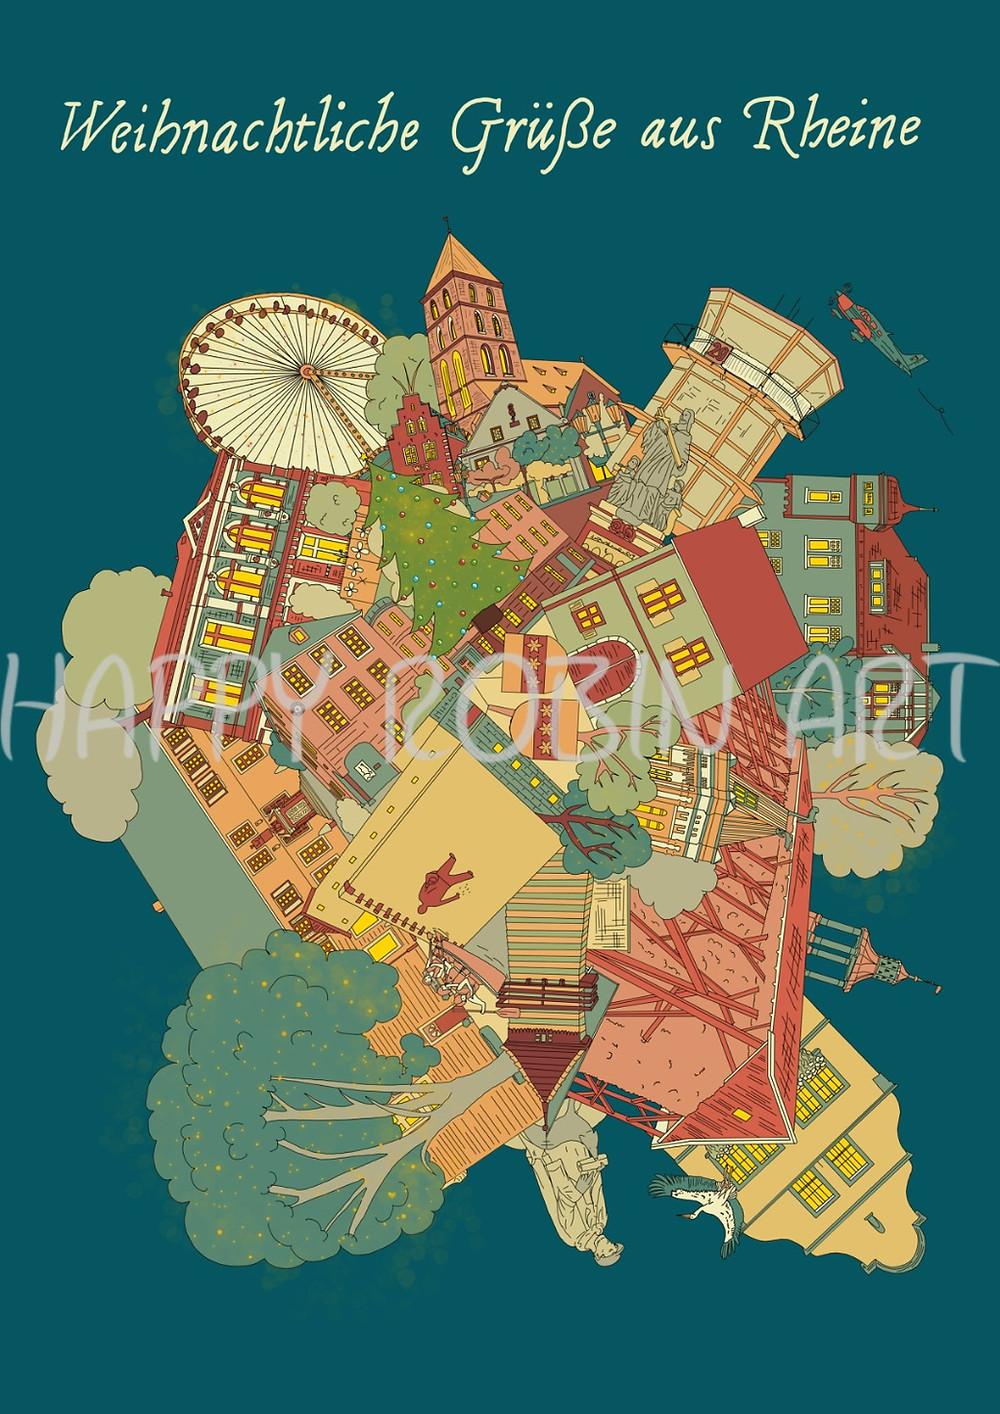 Diese liebevoll designte, etwas andere Ansichtskarte von Rheine, verkaufe ich auf dem Weihnachtsmarkt.